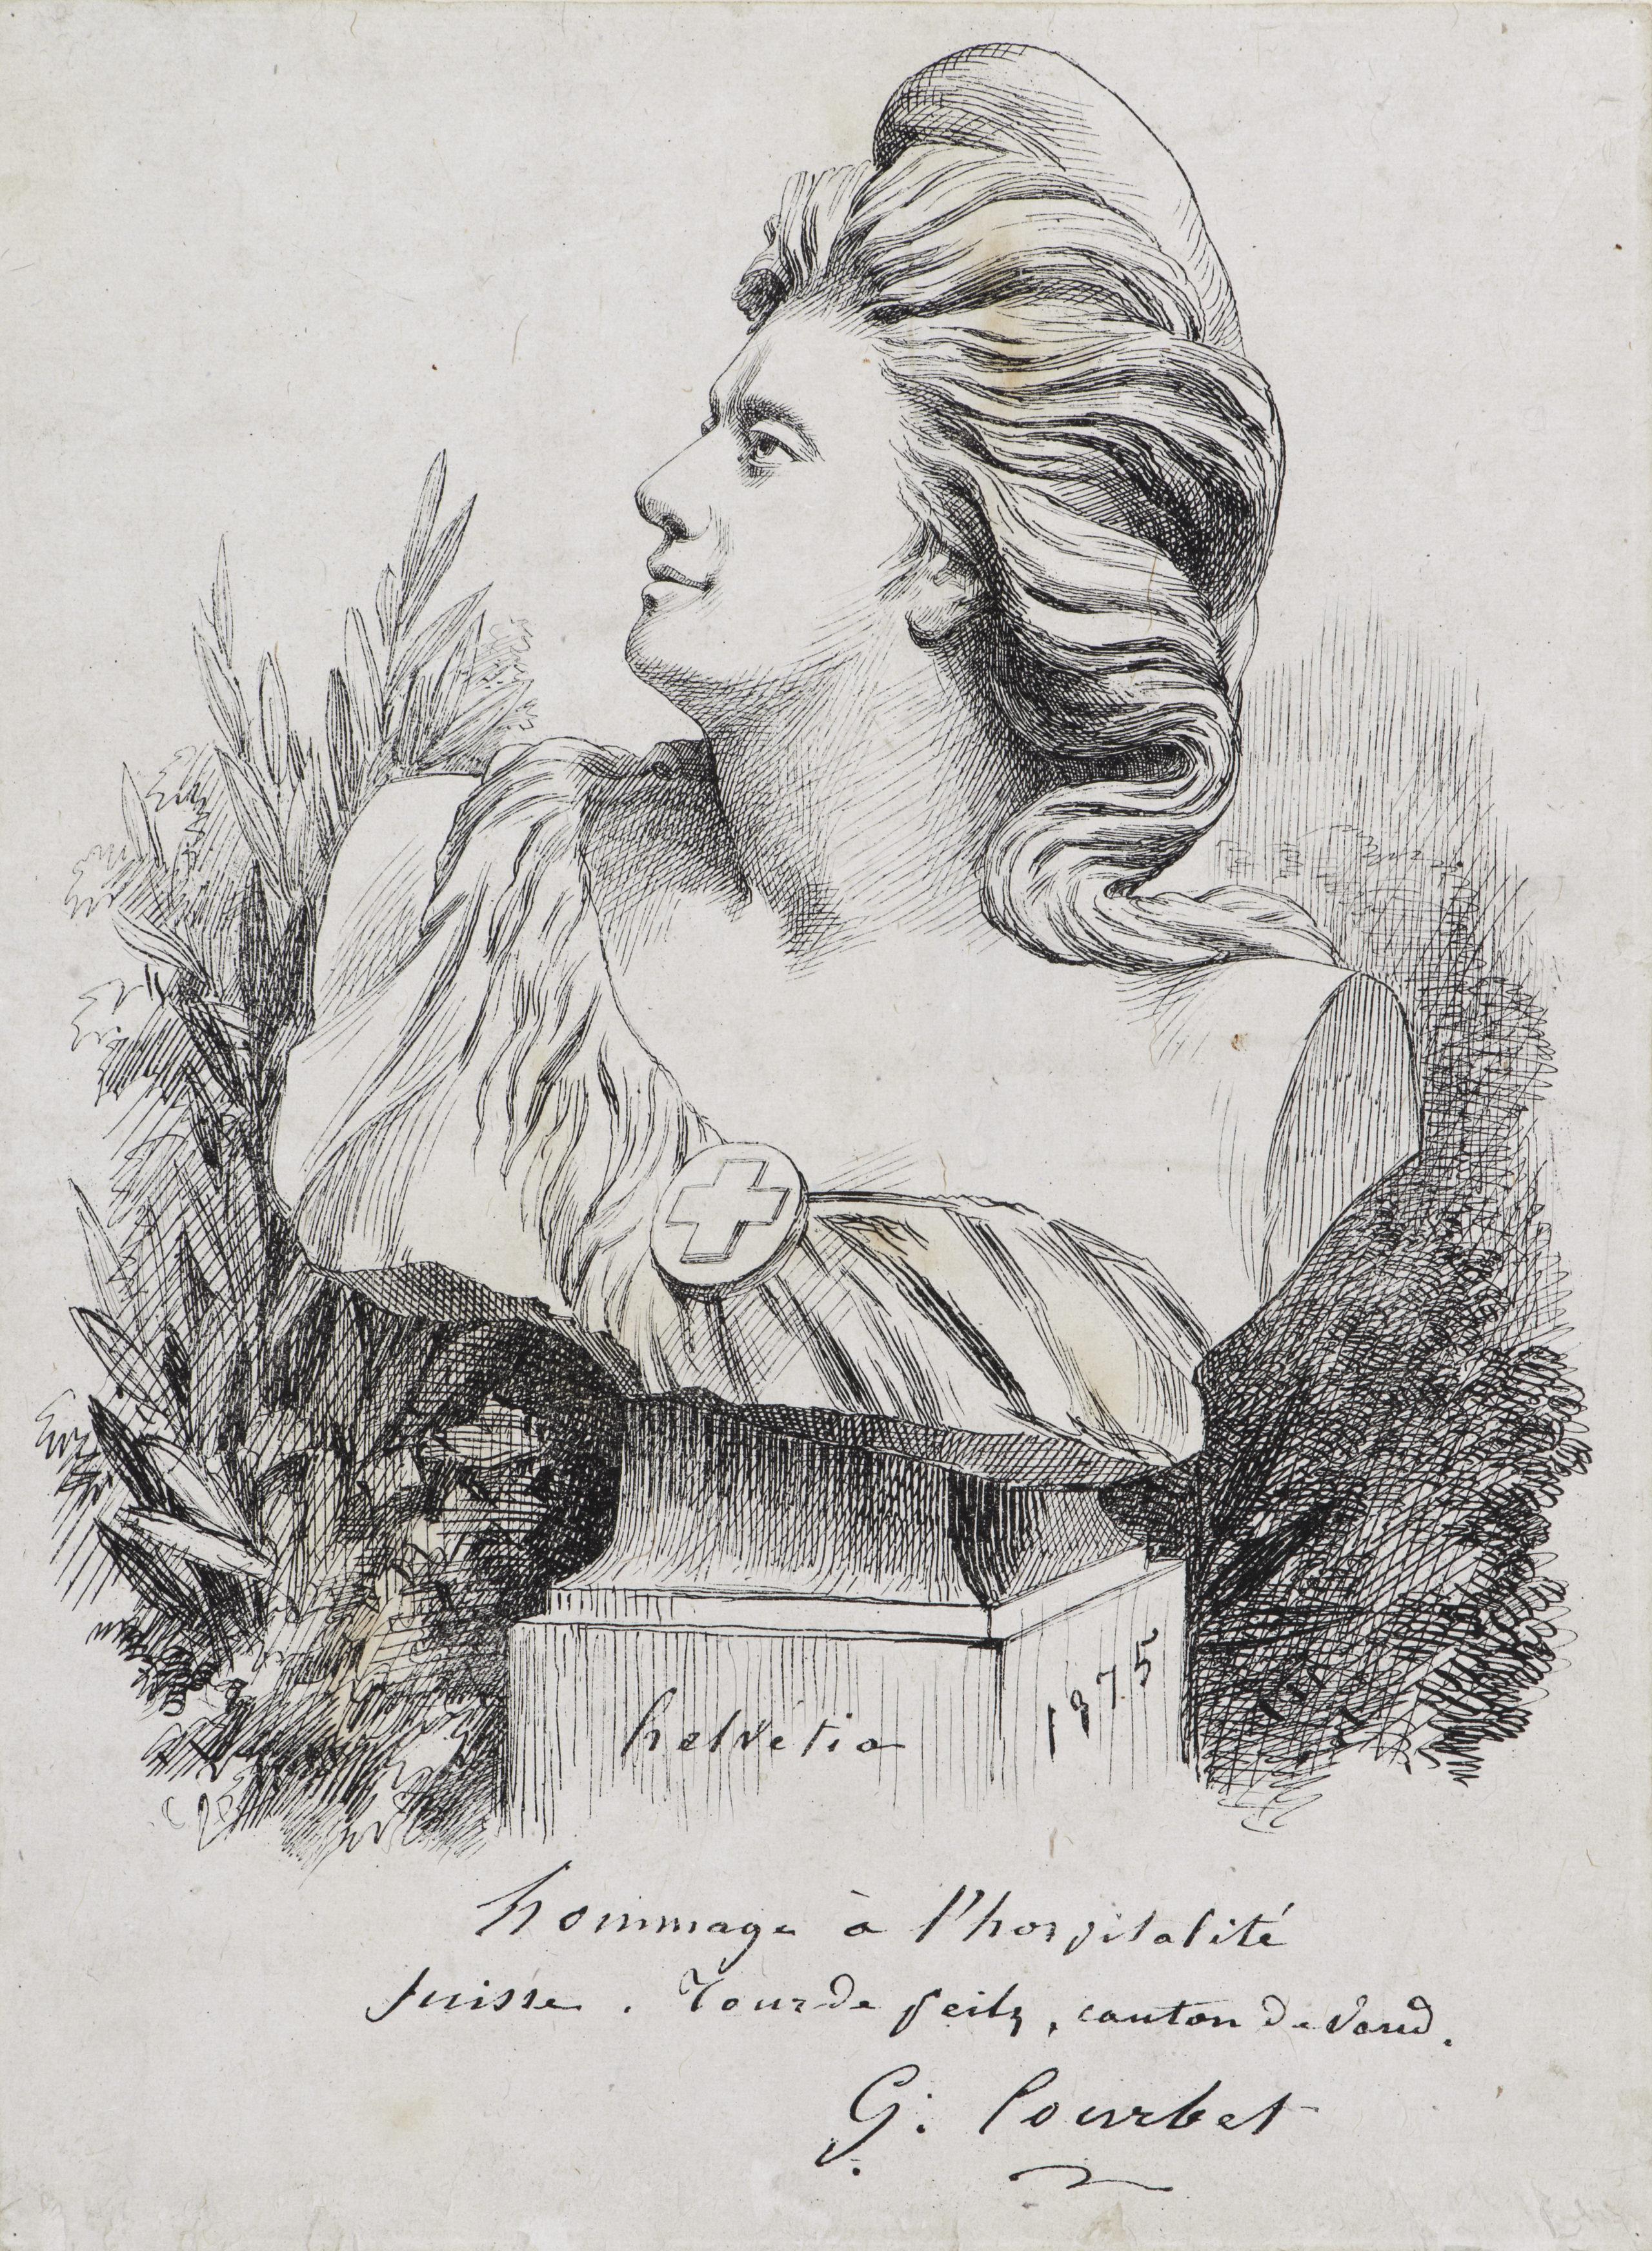 Helvetia, 1875 Lithographie sur papier vélin. Musée Jenisch Vevey – Cabinet cantonal des estampes, collection de l'Etat de Vaud